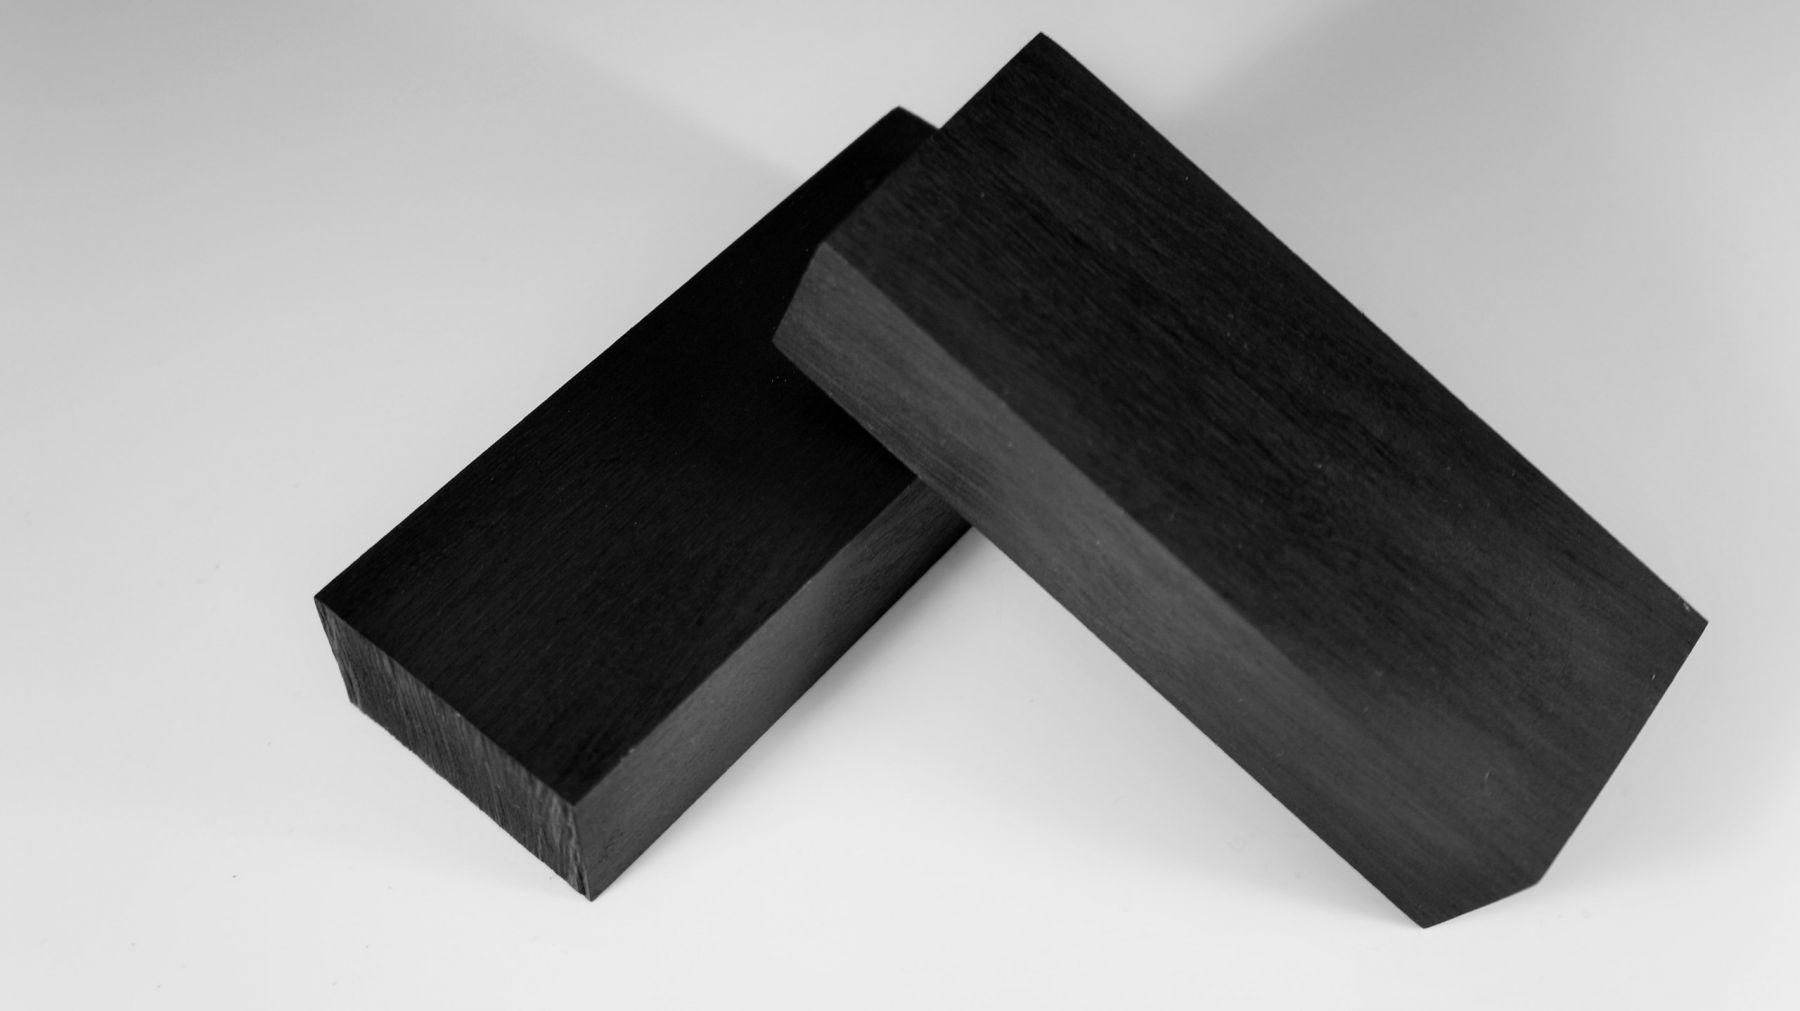 Черный граб 130*50*30 мм +-2мм